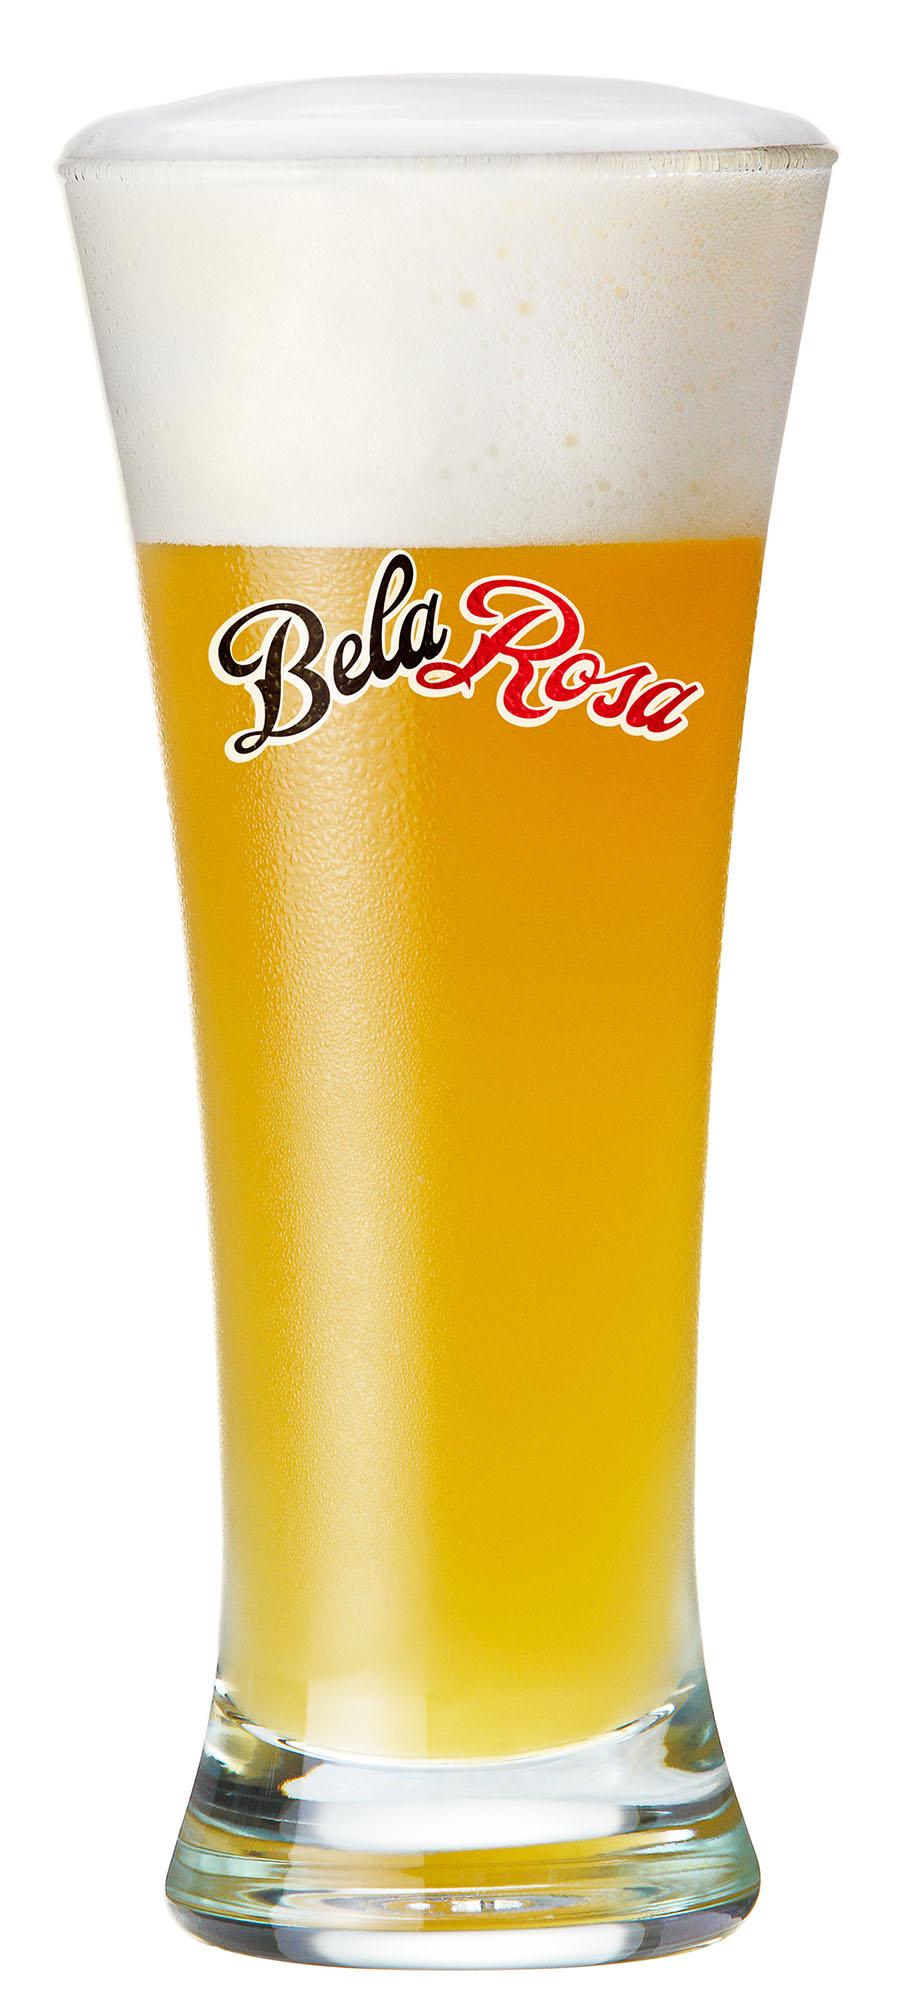 A cerveja faz parte da nova linha da Bohemia (Foto: Divulgação)